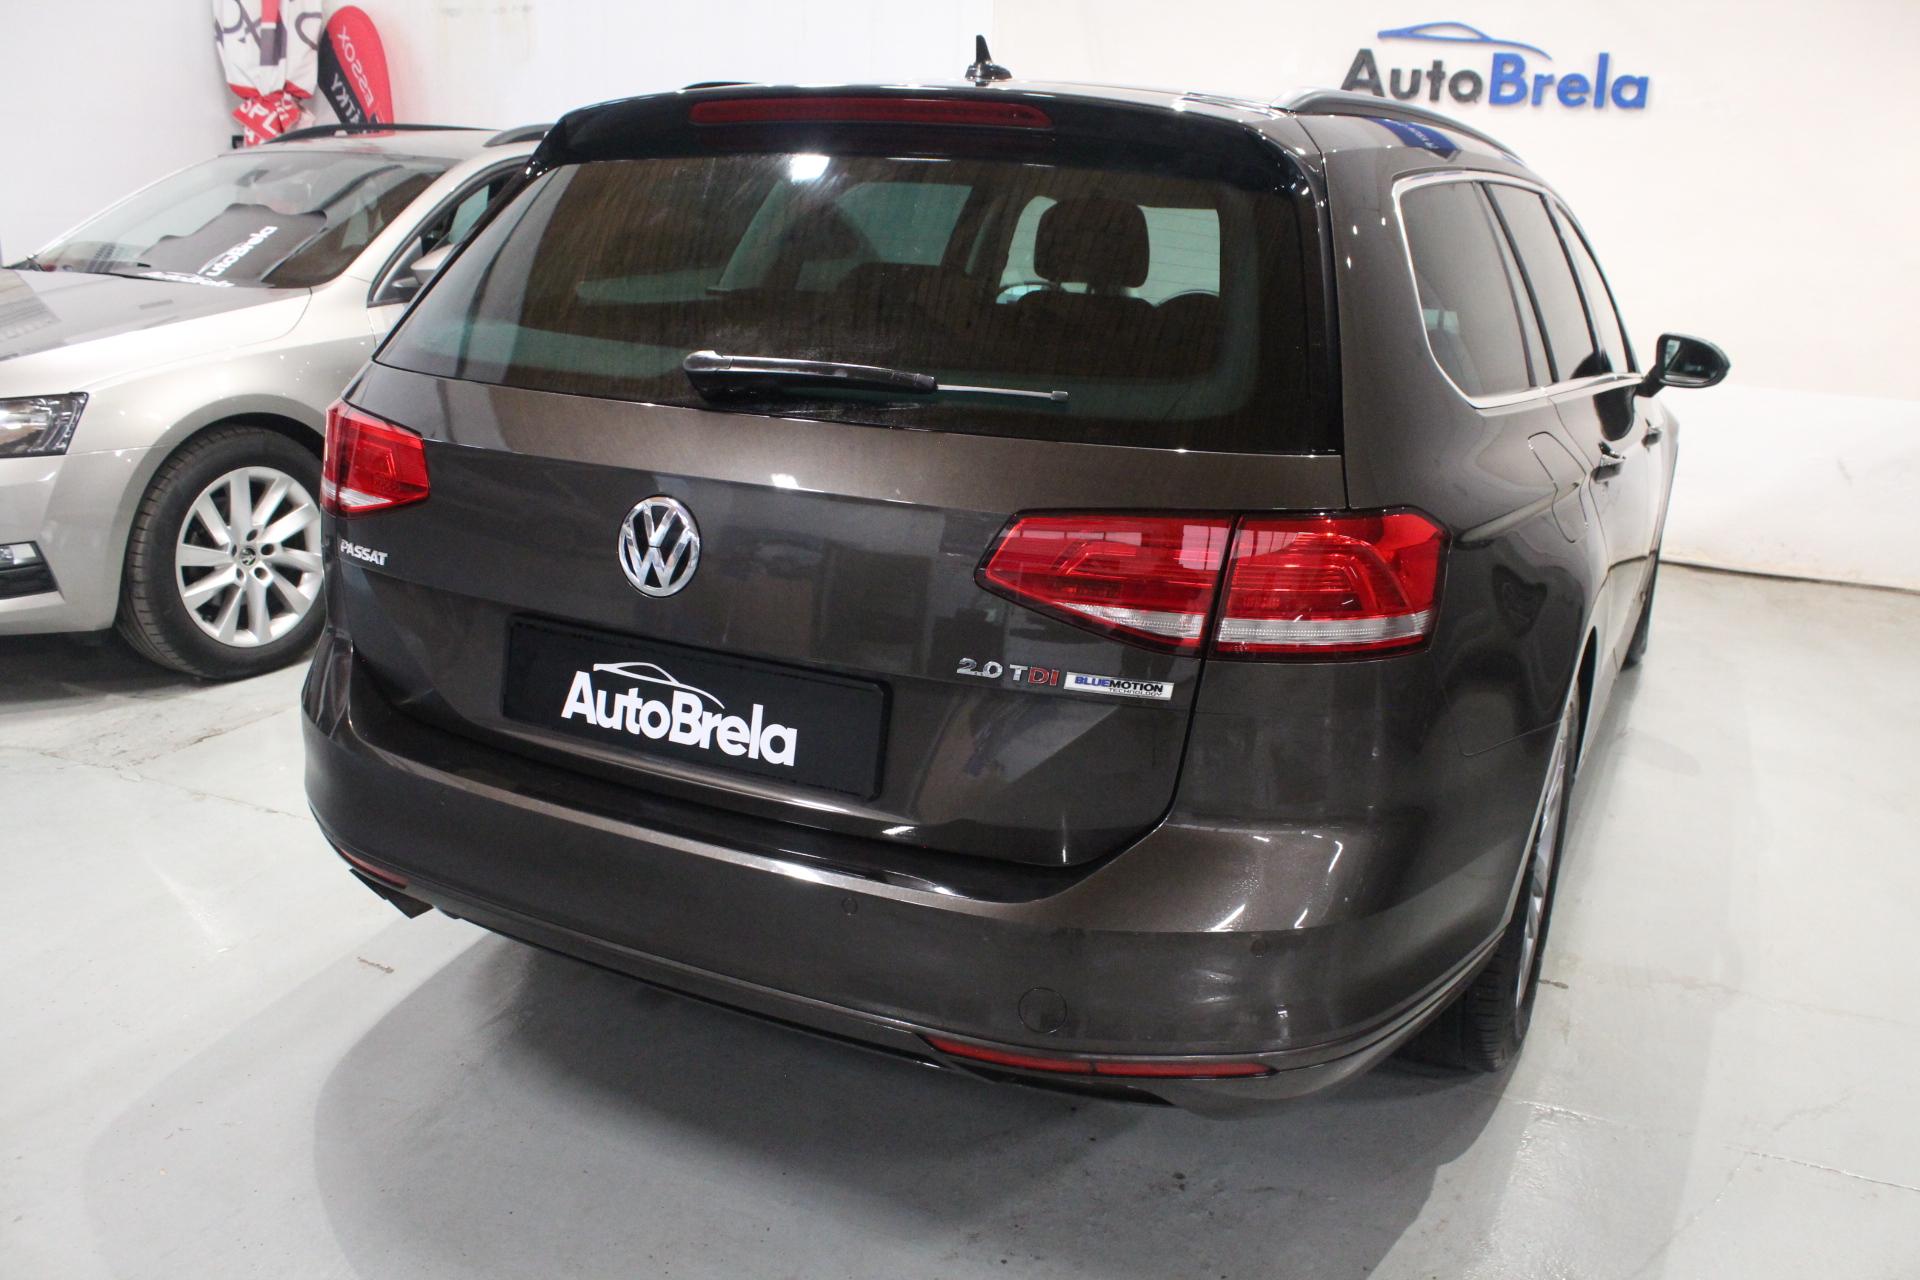 VW Passat B8 2.0 TDI DSG 140 kW - AutoBrela obrázek